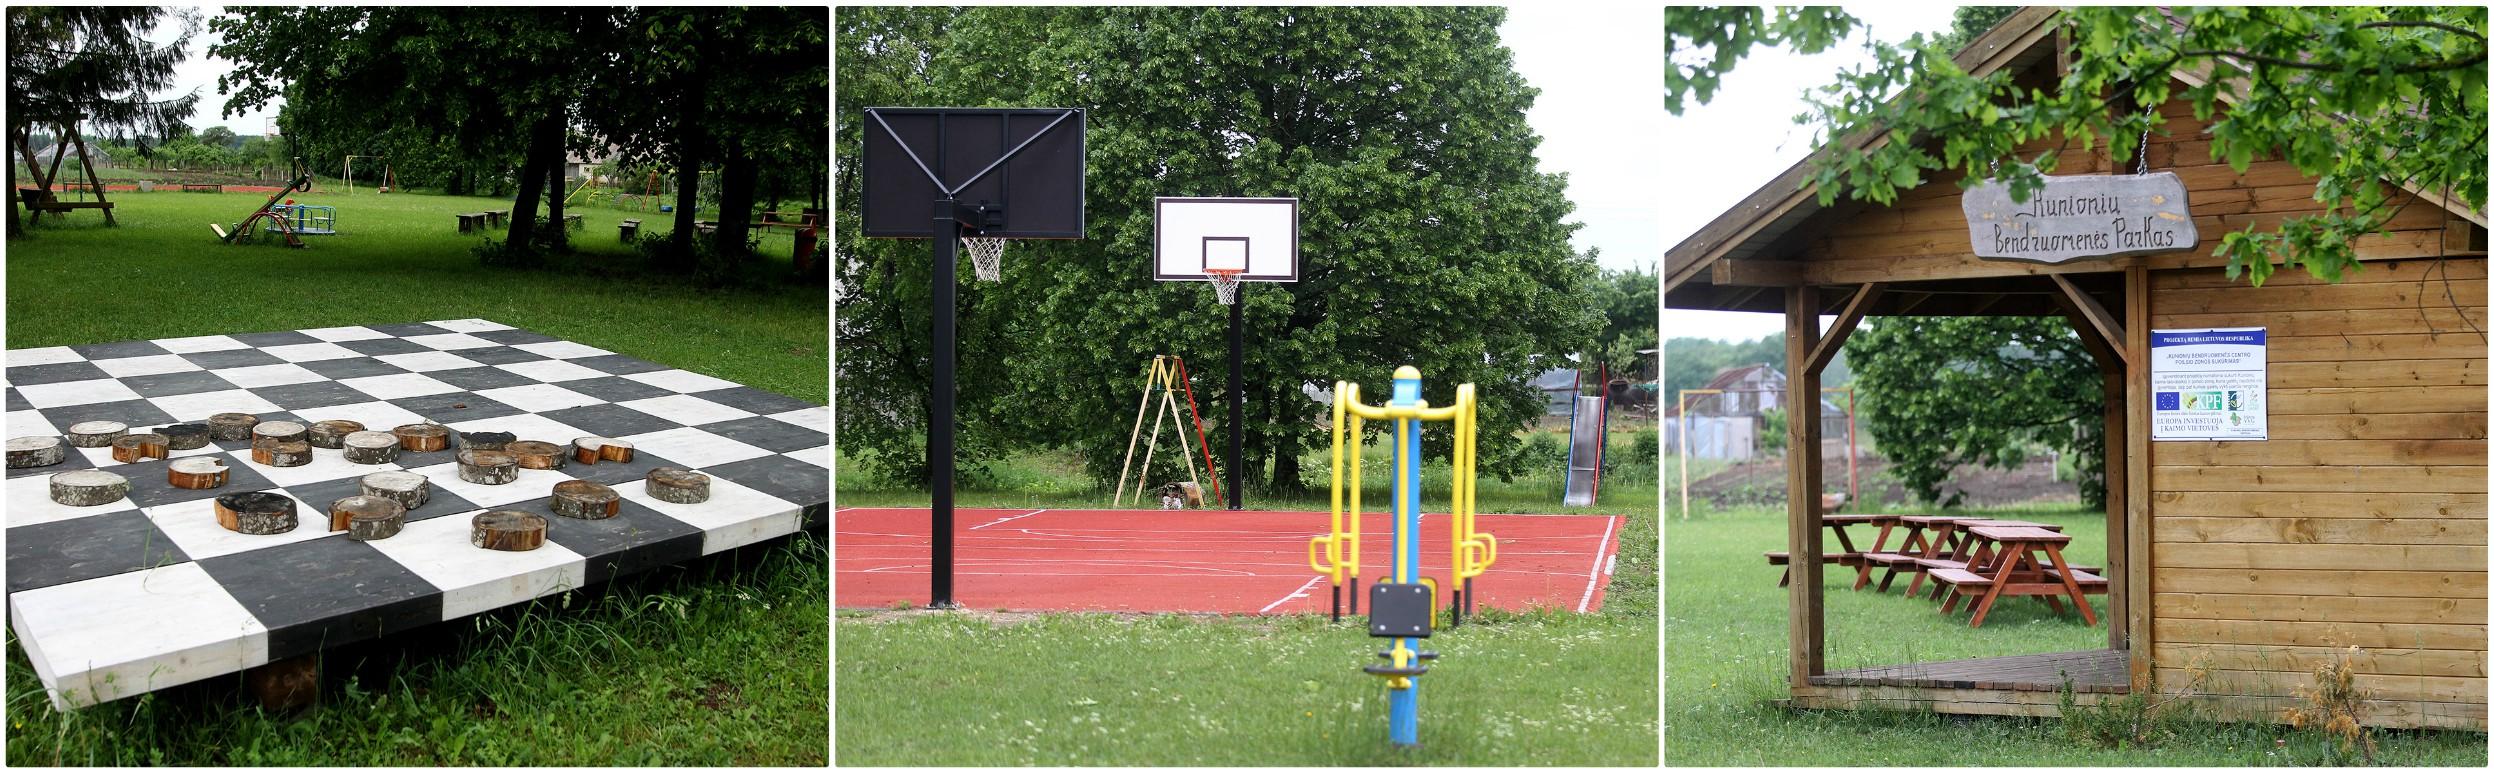 Bendruomenės parkas tik plečiasi ir didėja. Jame atsiranda vis naujų įrengimų, naujo laisvalaikiui ir sportui skirto inventoriaus. Parkas populiarus tarp jaunimo ir tarp vyresnių žmonių. Ši erdvė reikalinga ir tam, kad žmonės turėtų kur susiburti ir šventes švęsti. A. Barzdžiaus nuotr.